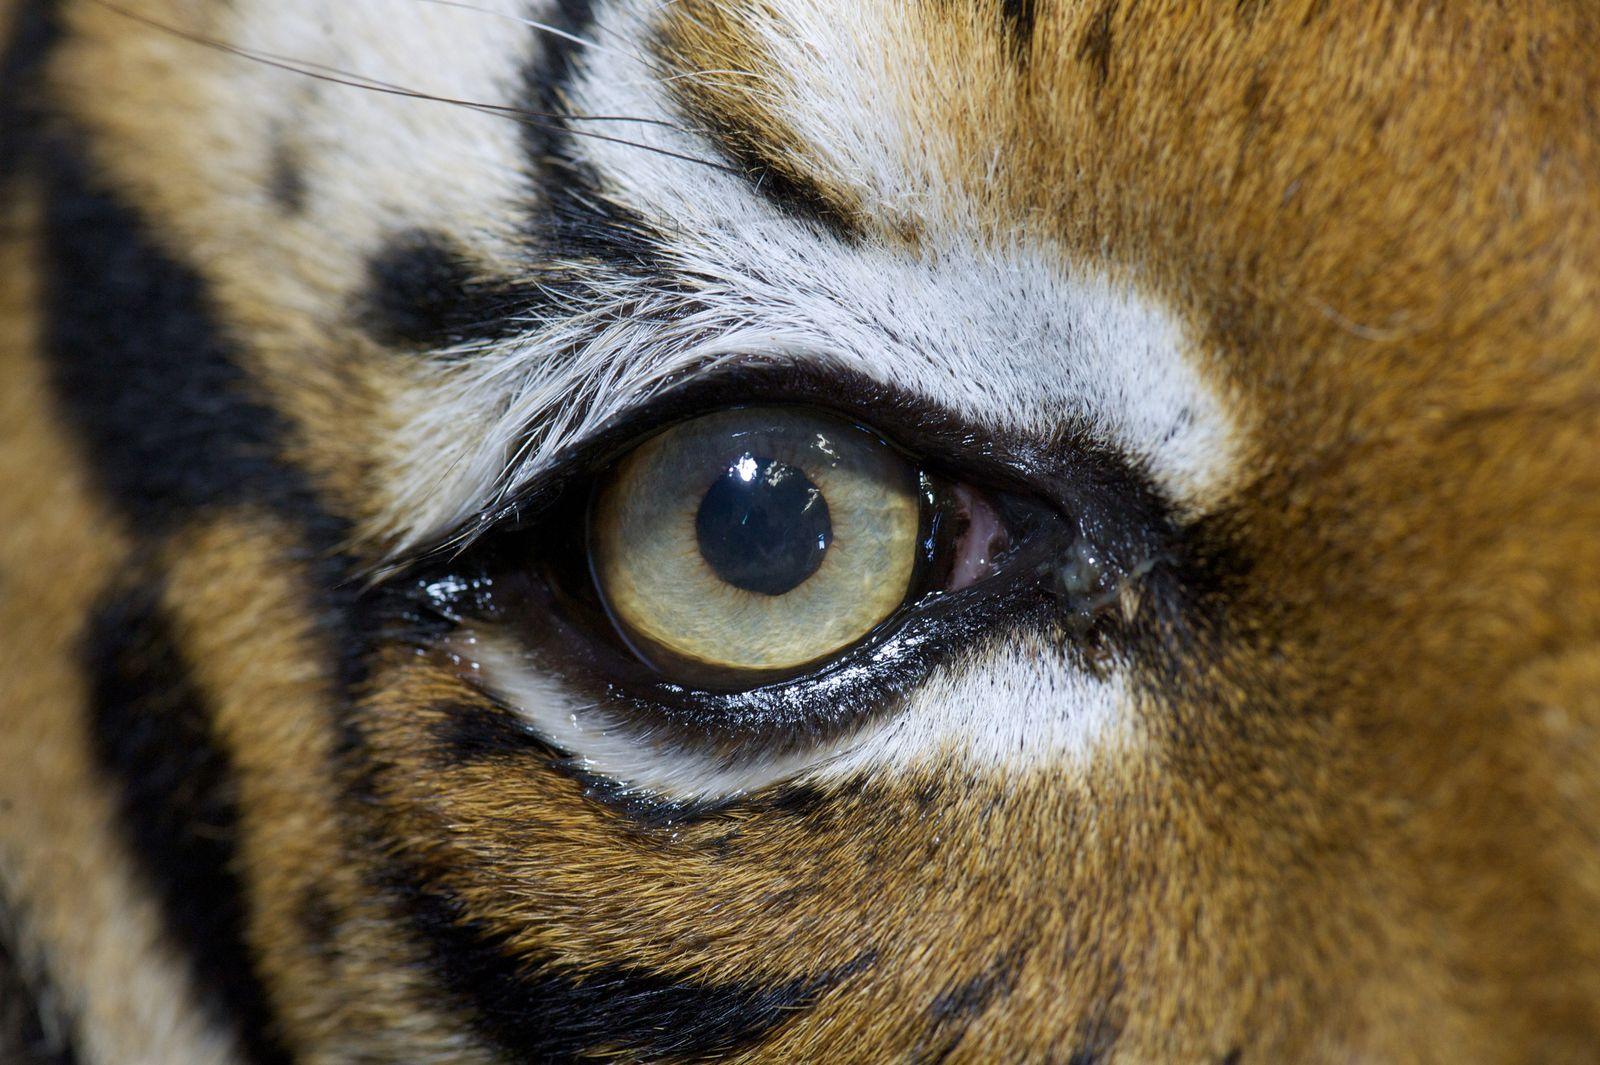 Tieraugenquiz/ Tiger